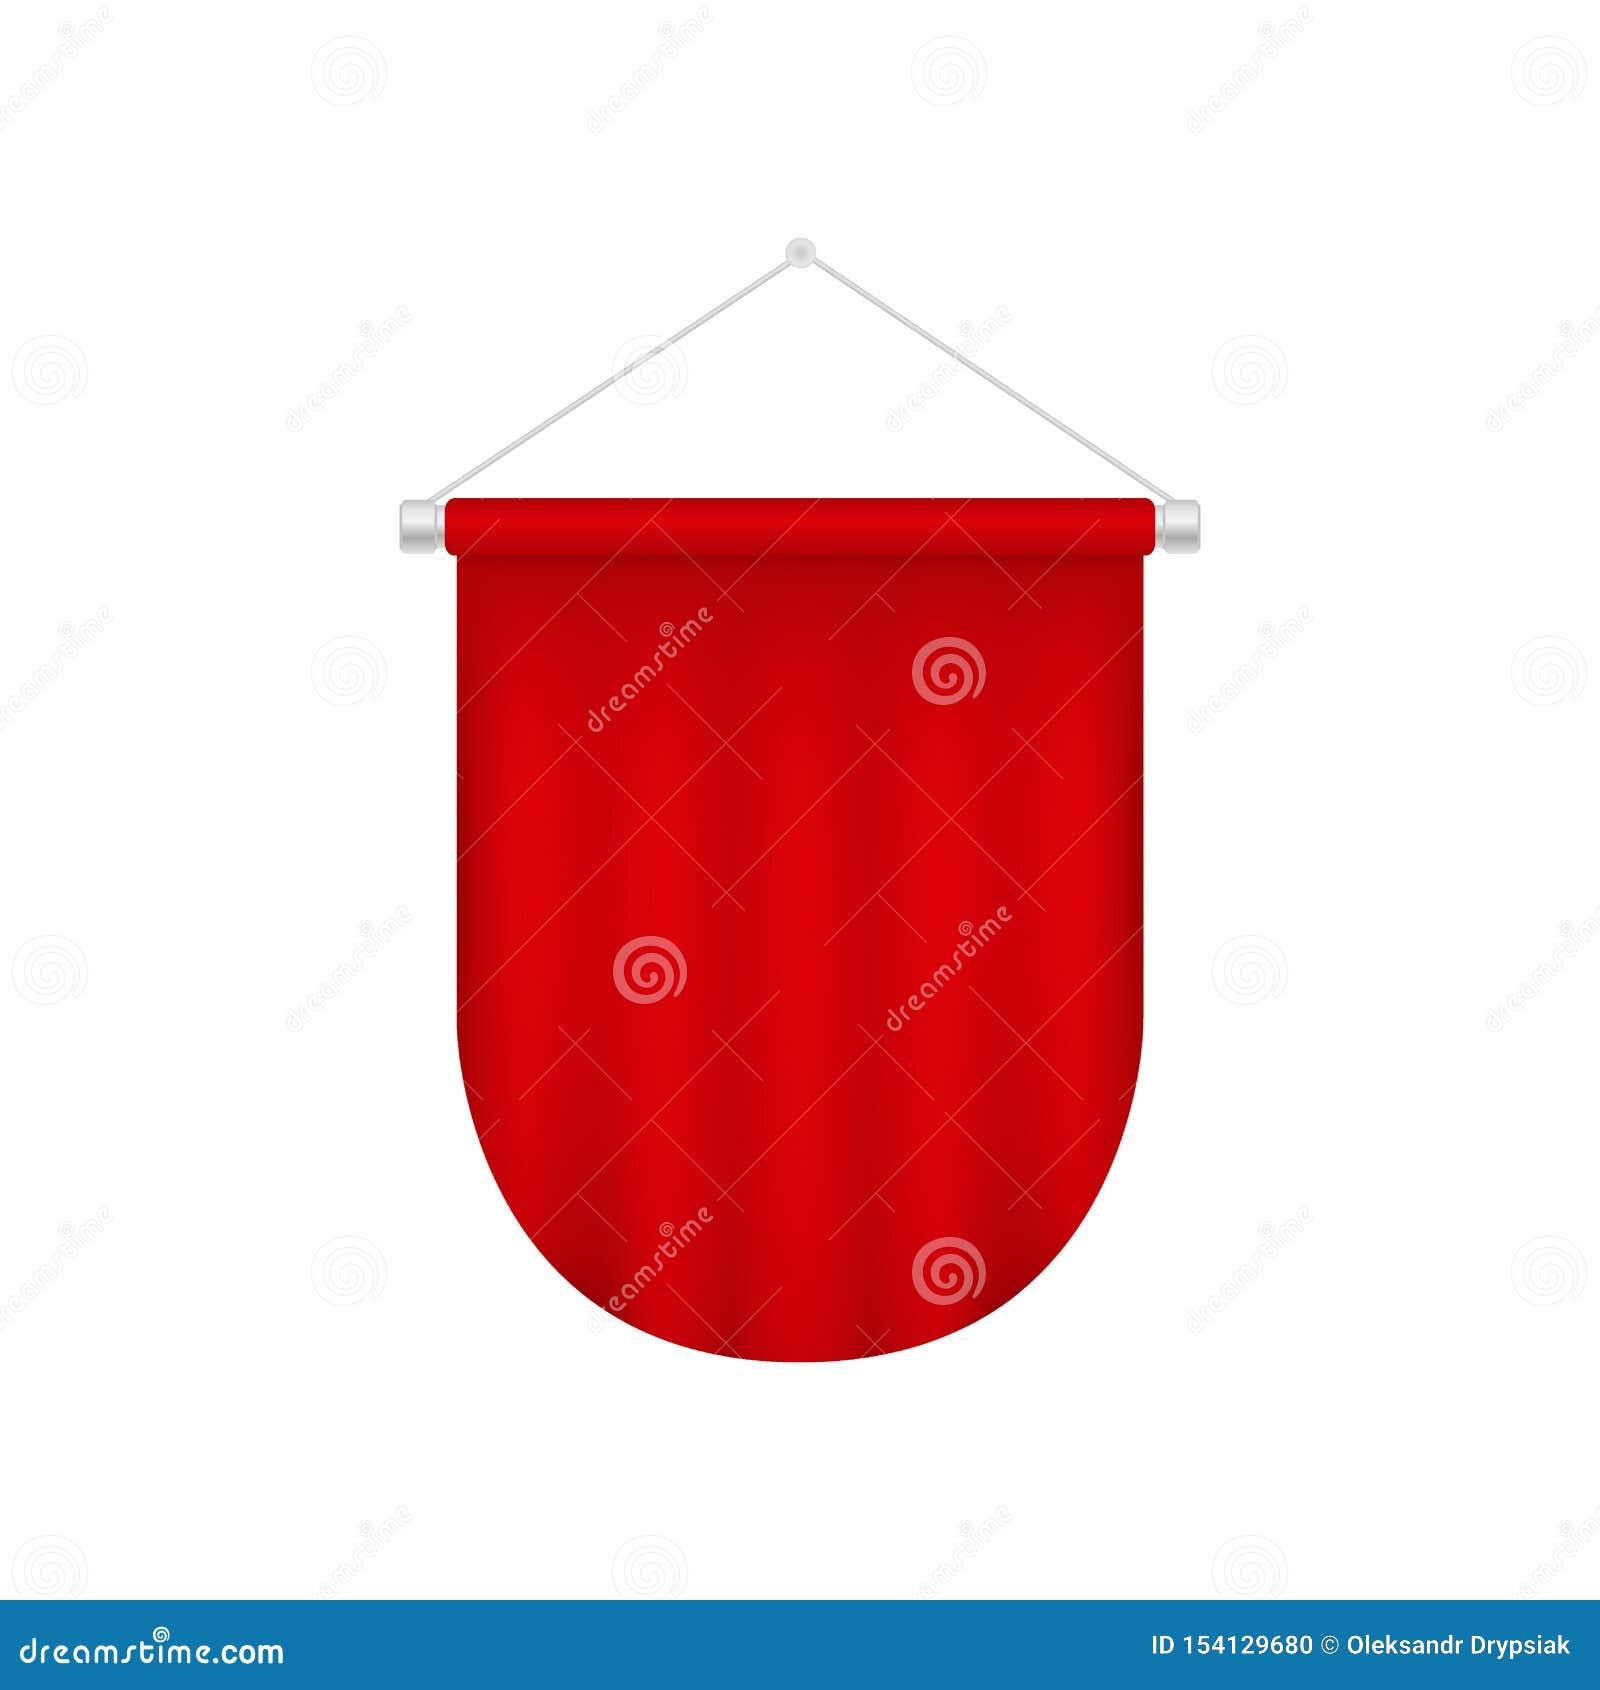 Molde realístico da flâmula do vetor Bandeira vazia vermelha